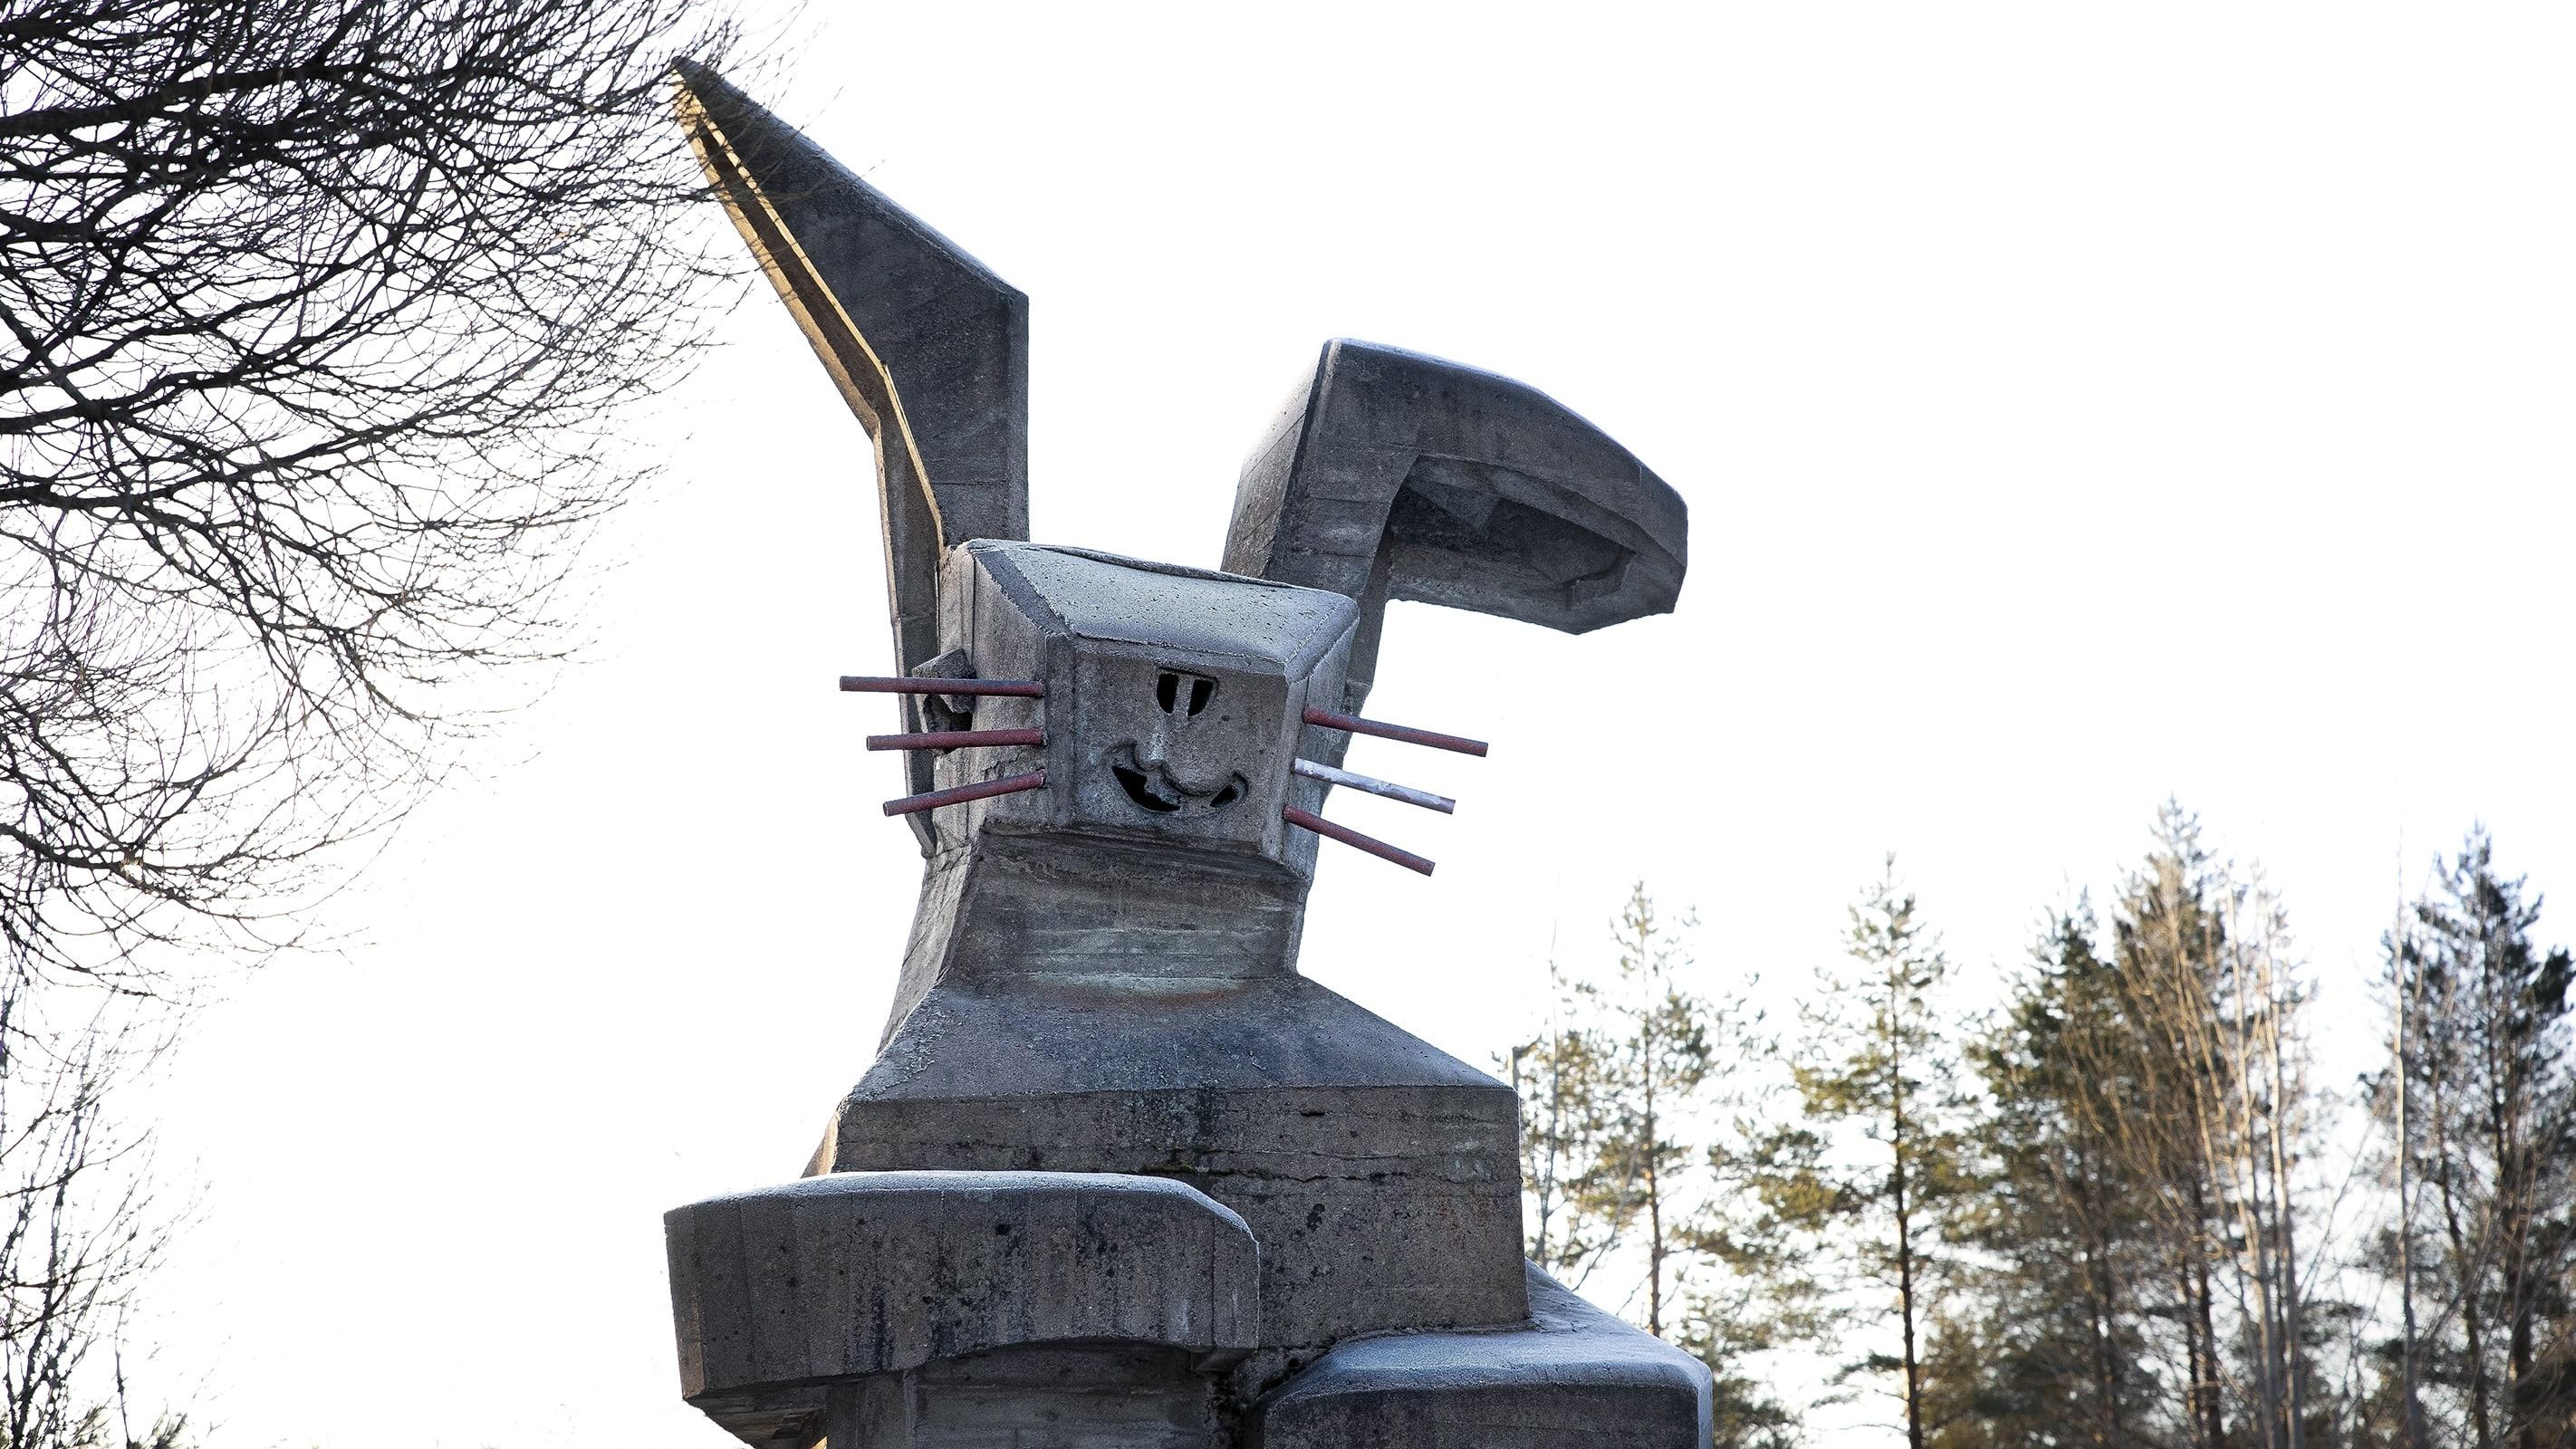 Helmer Selinin betonista valmistettu Pupumuori-patsas